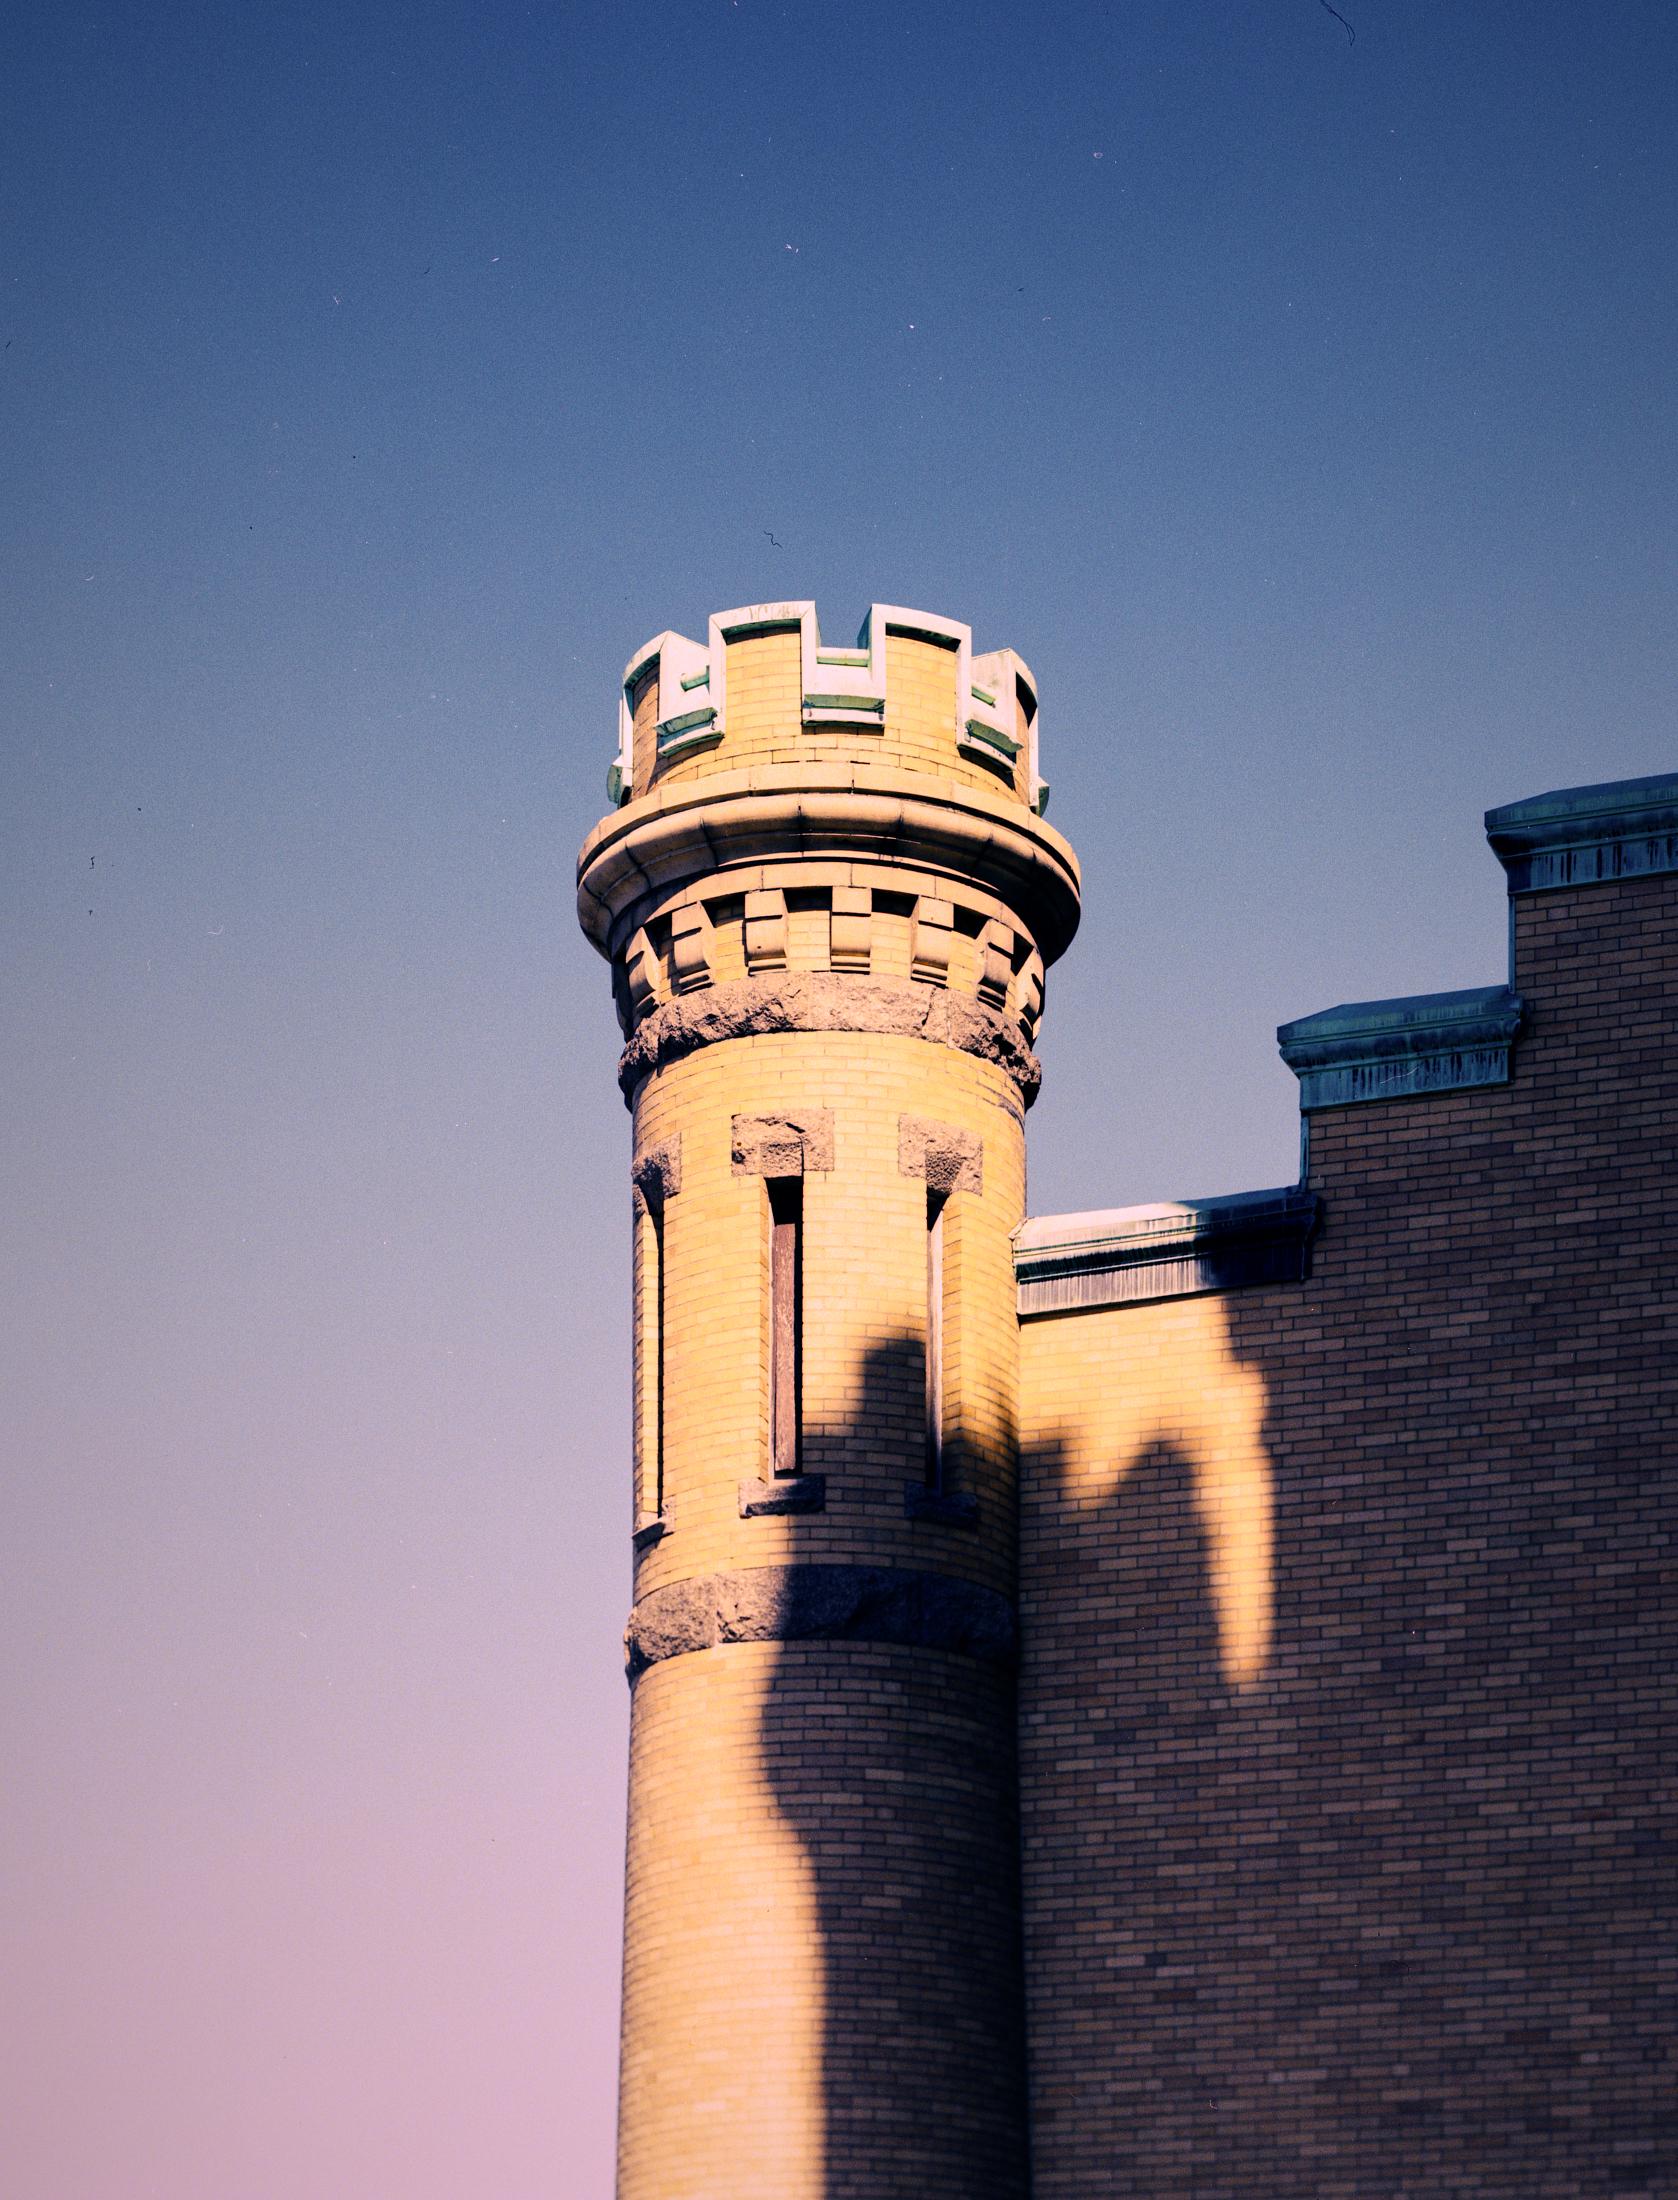 tower_detail_02.jpg